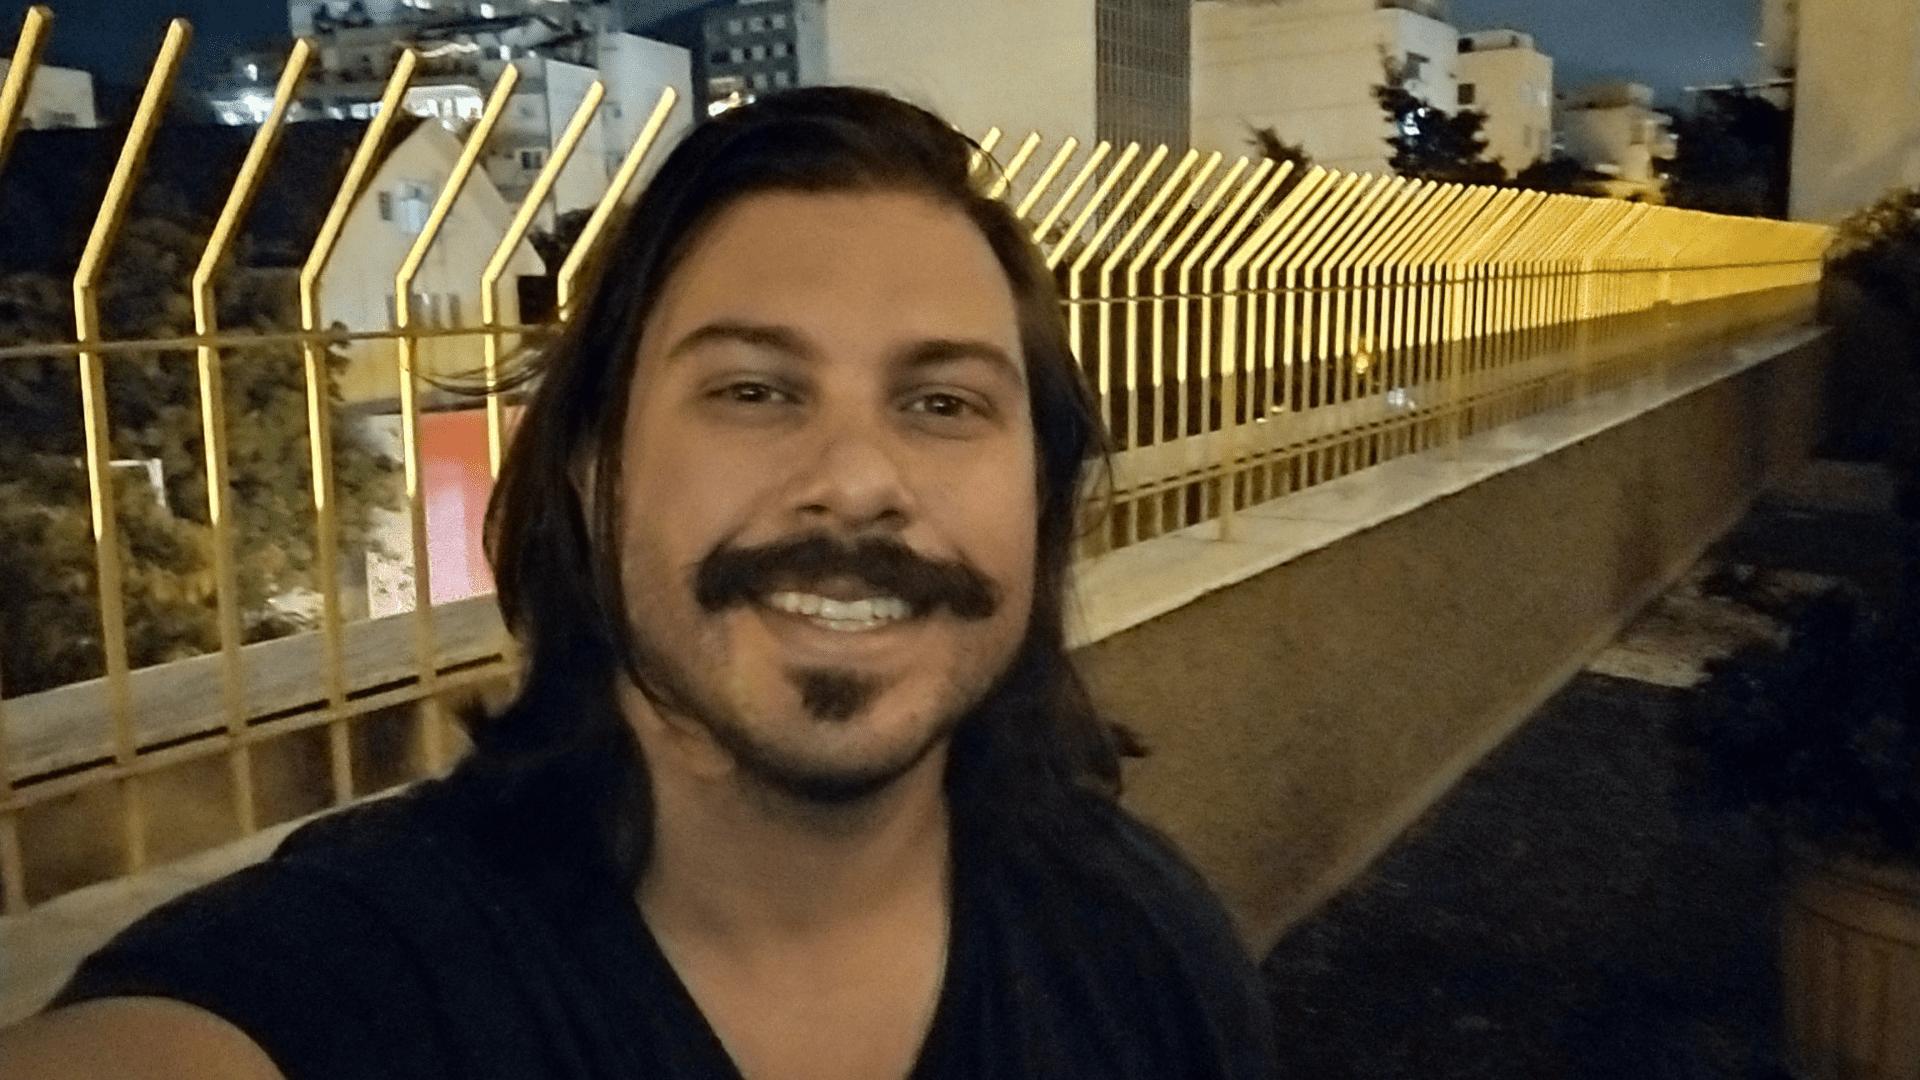 Moto G9 Power: Modo Noturno clareia selfies à noite amenizando os ruídos (Foto: Gabriel Fricke / Zoom)